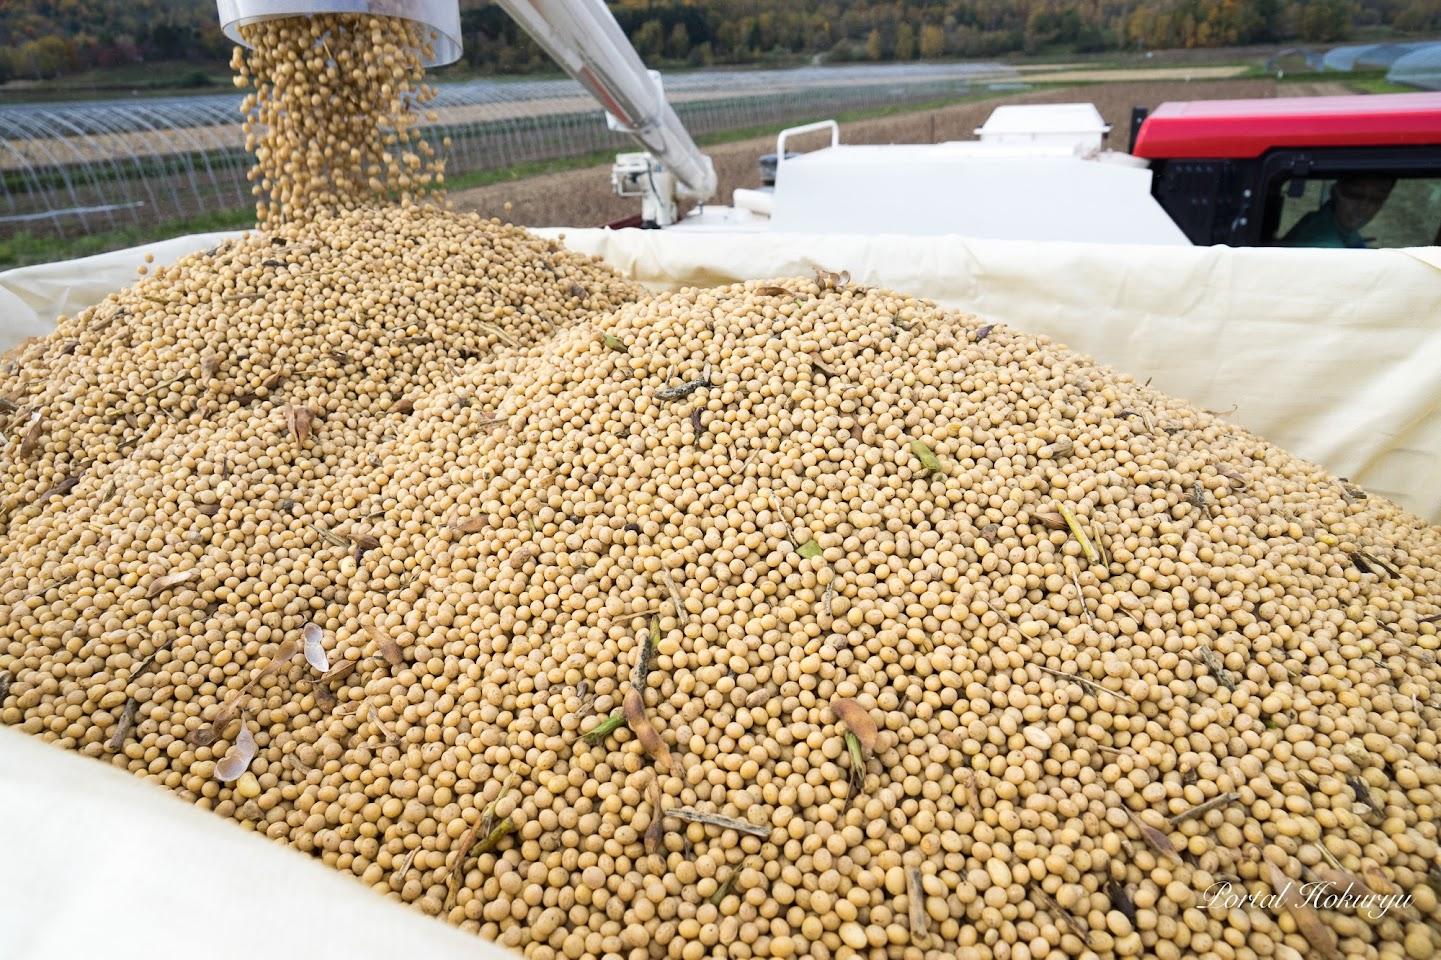 収穫したばかりの大豆